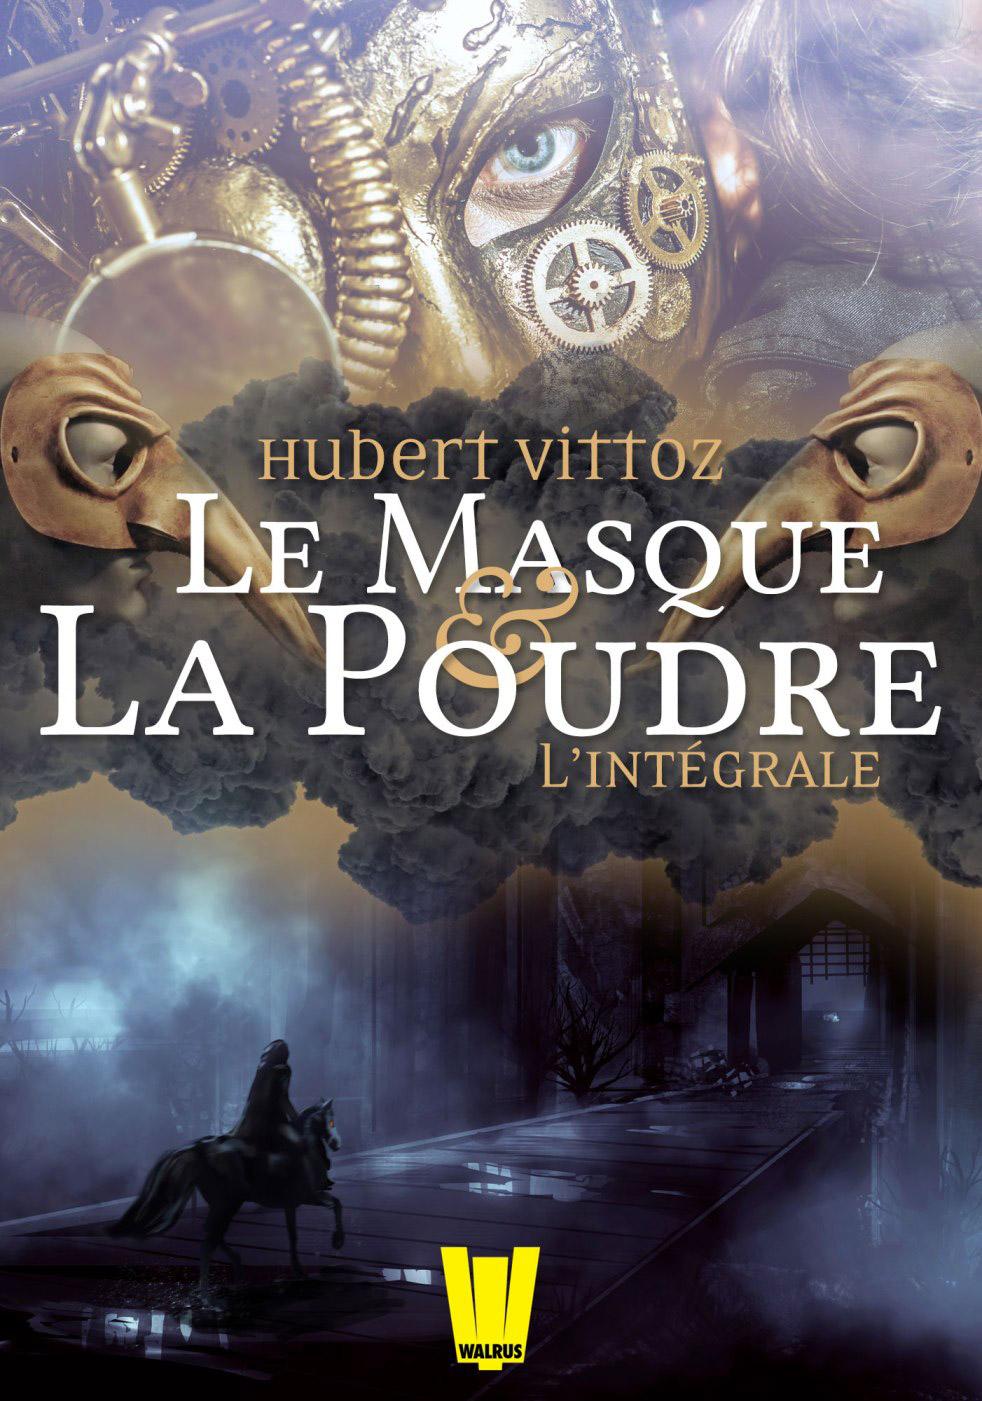 « Le Masque et la Poudre », intégrale, d'Hubert Vittoz